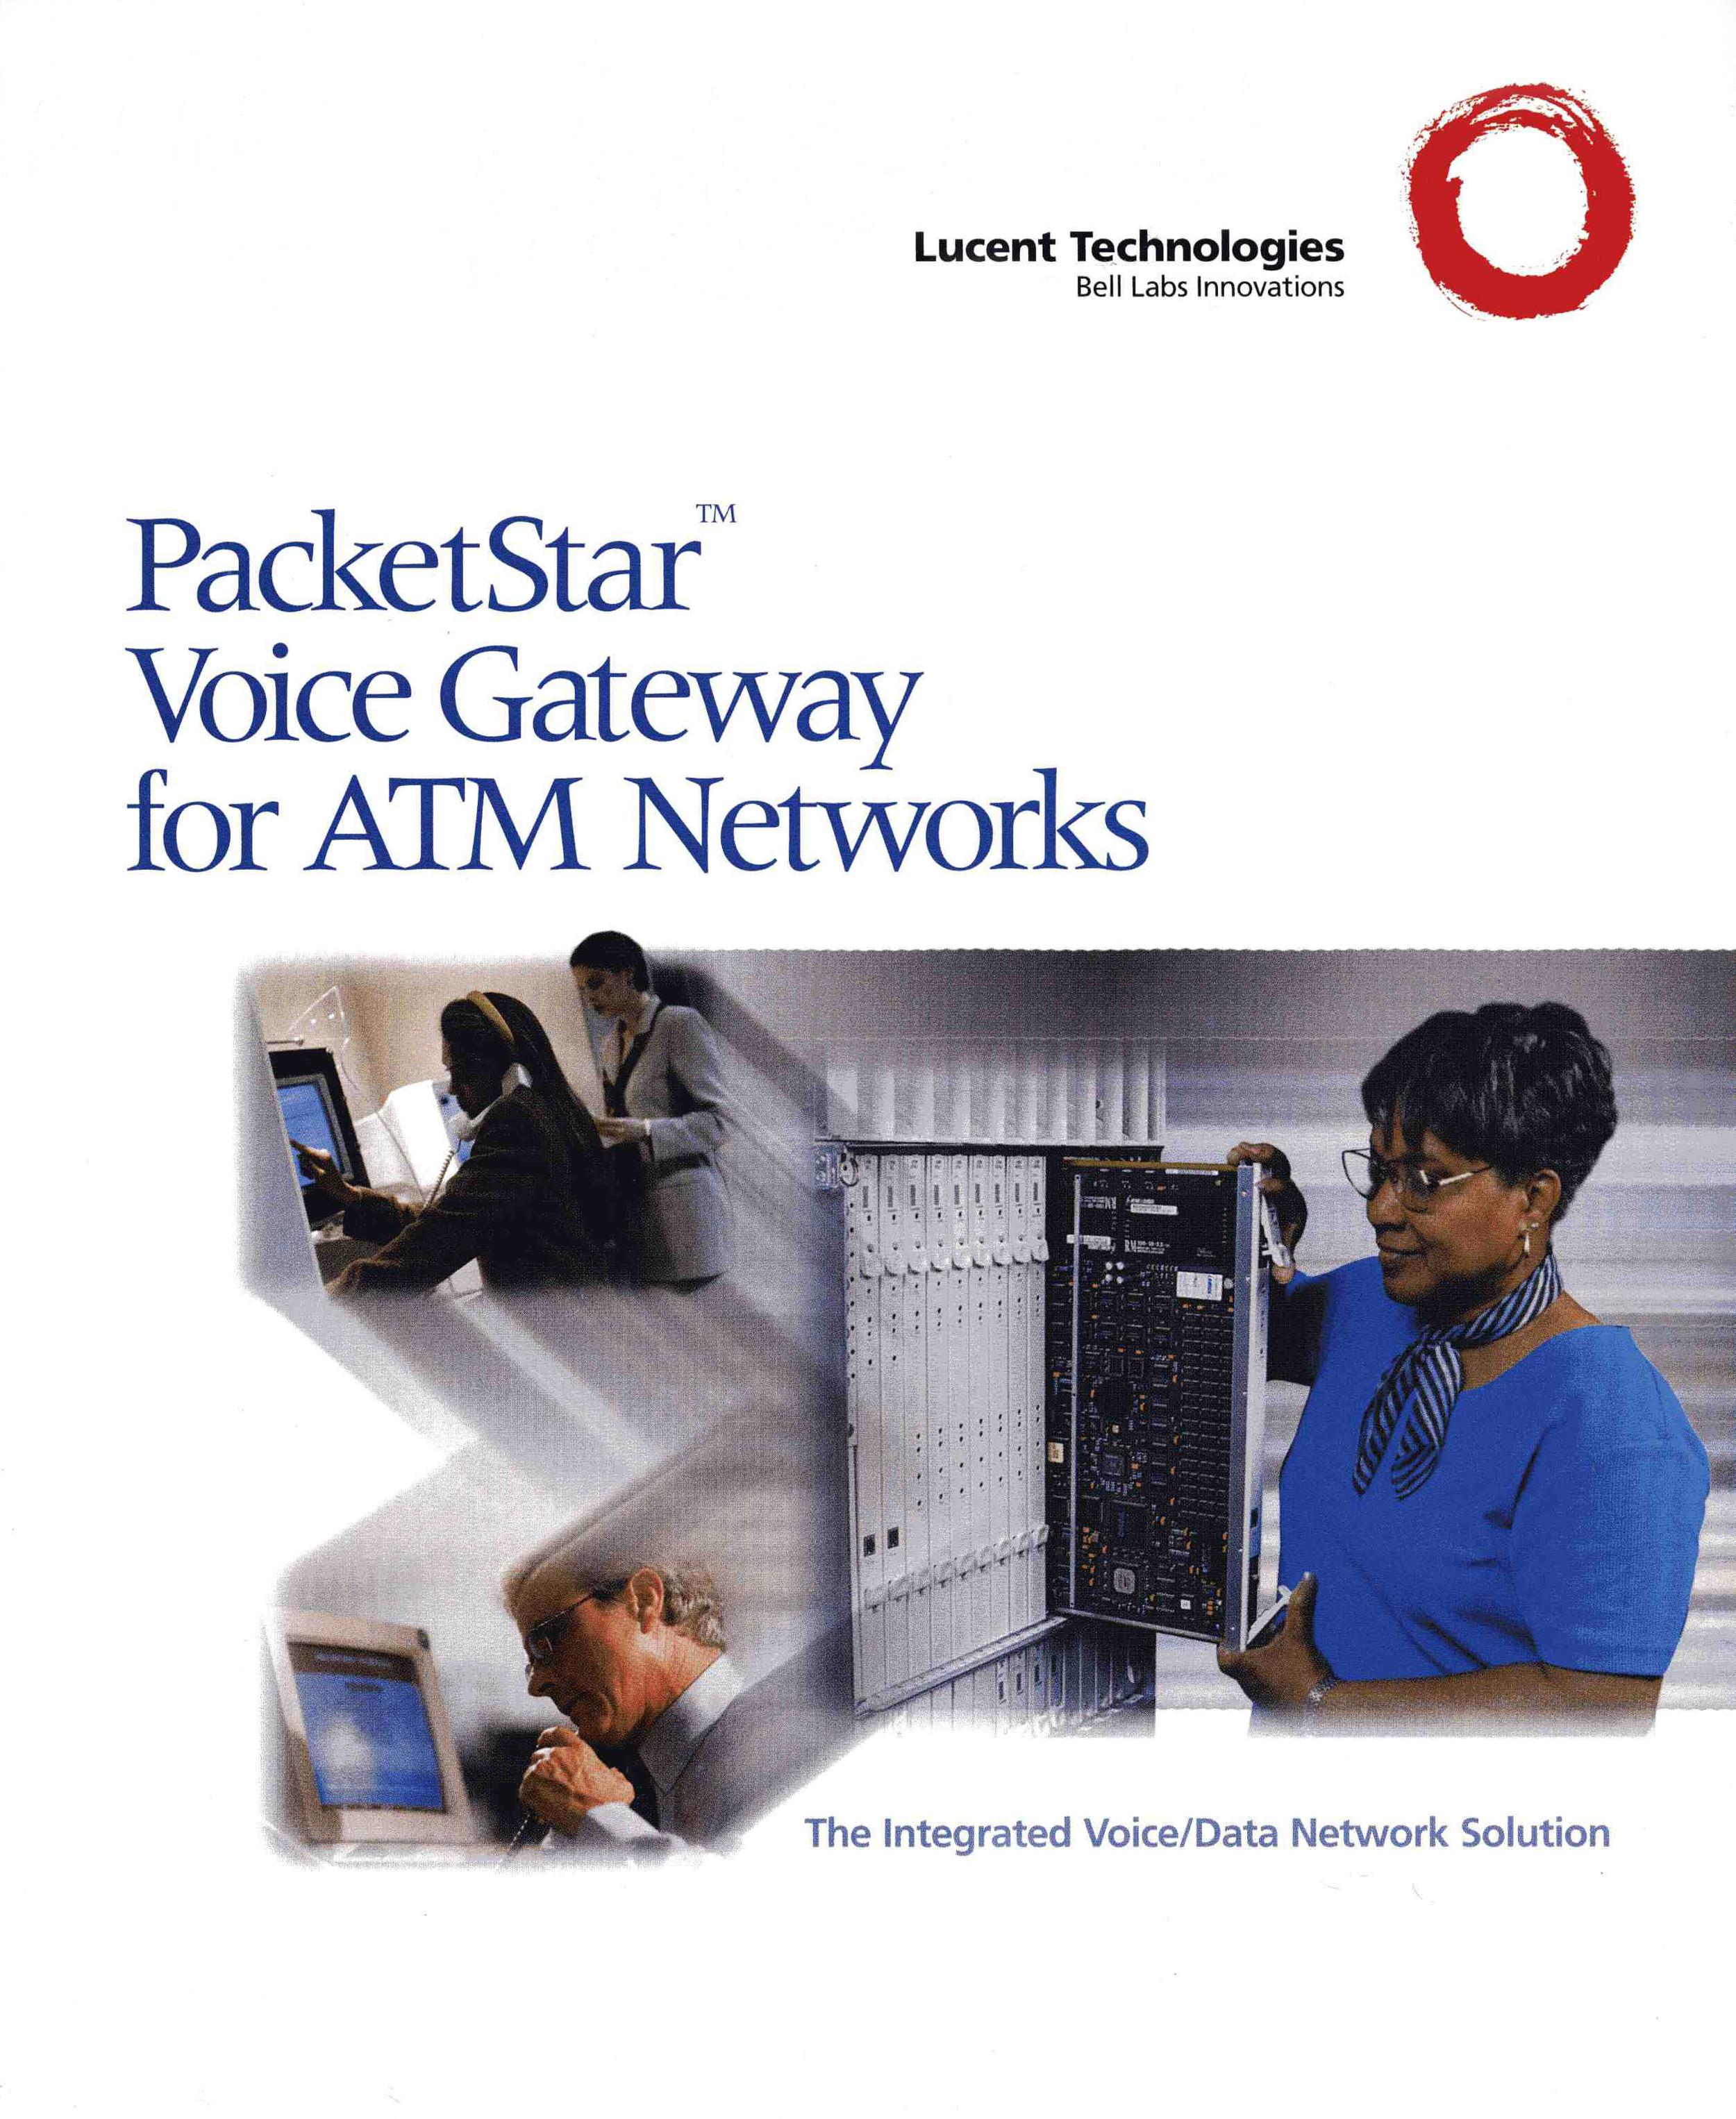 Lucent Technologies005.jpg